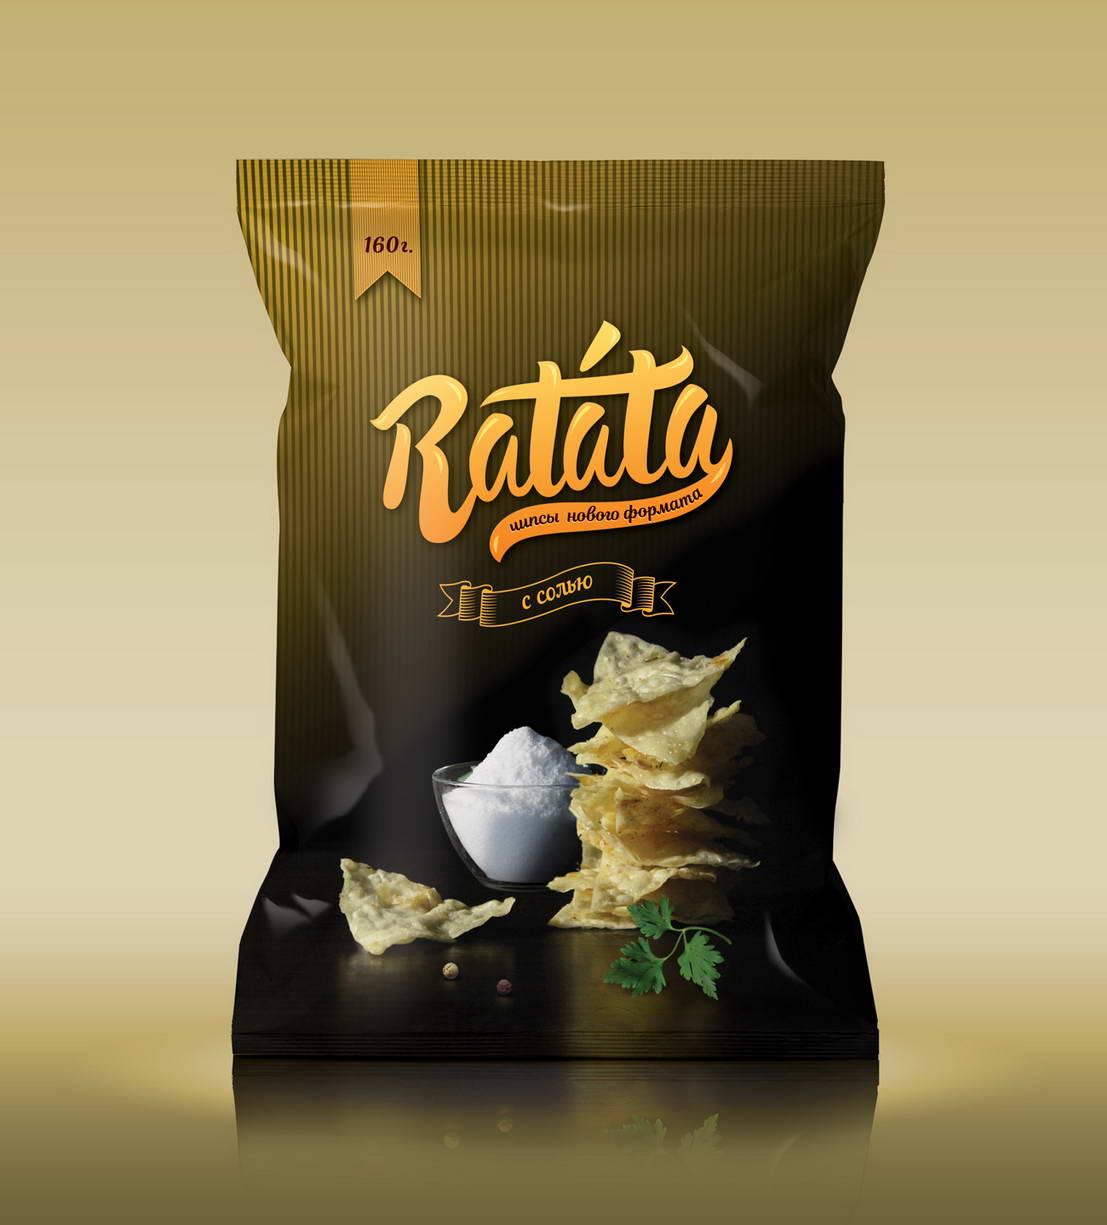 emballage design Ratata crisps med salt